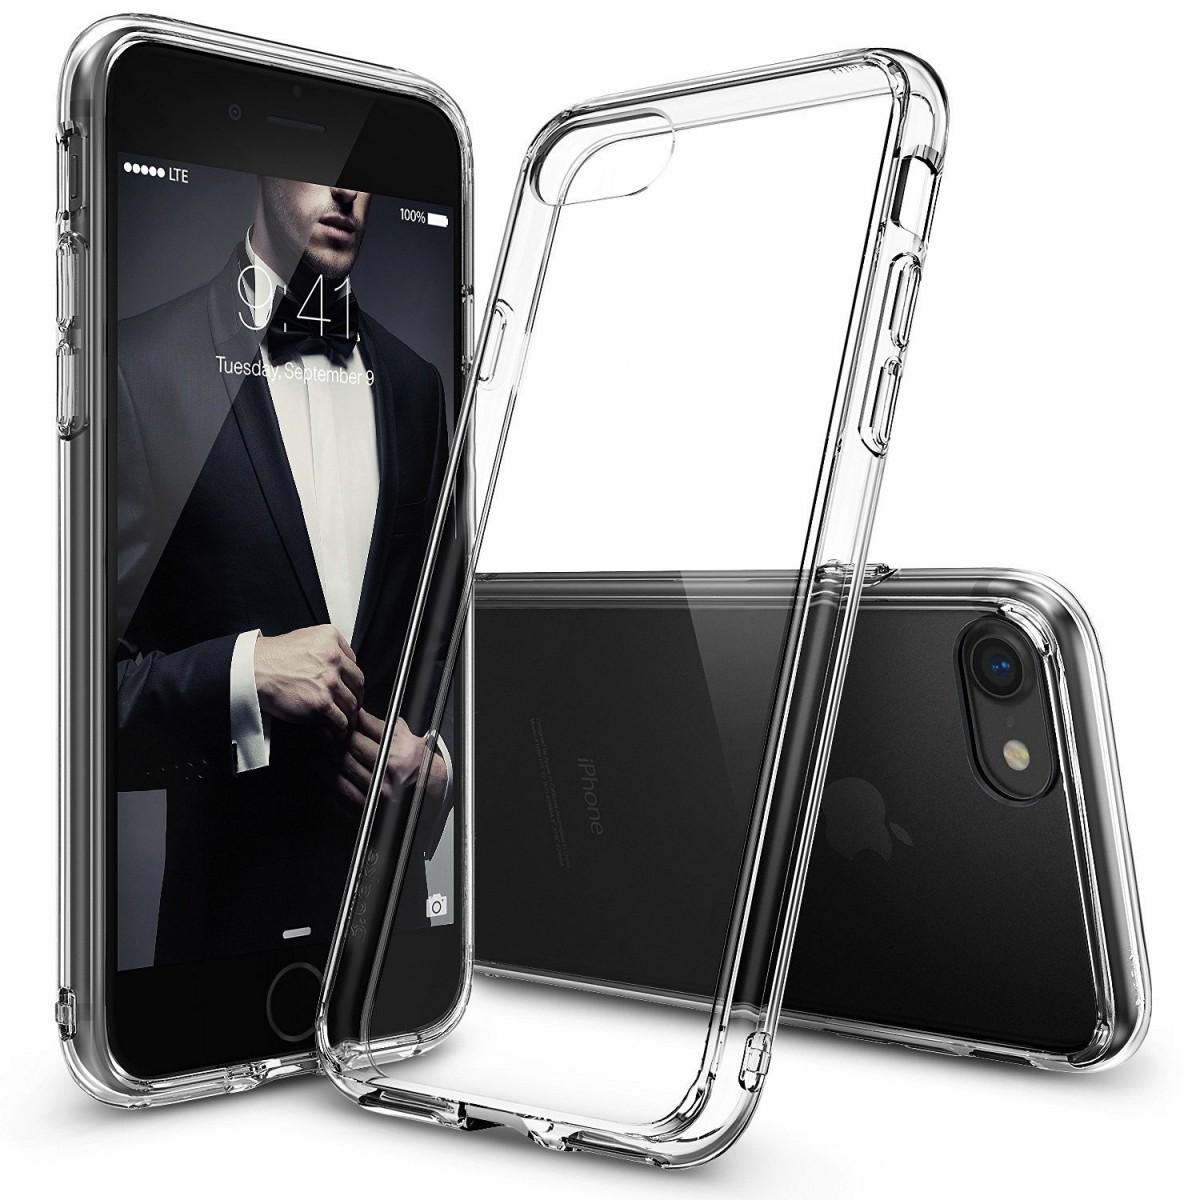 Průhledný čirý obal / kryt Ultra Slim Hybrid na iPhone 8/7